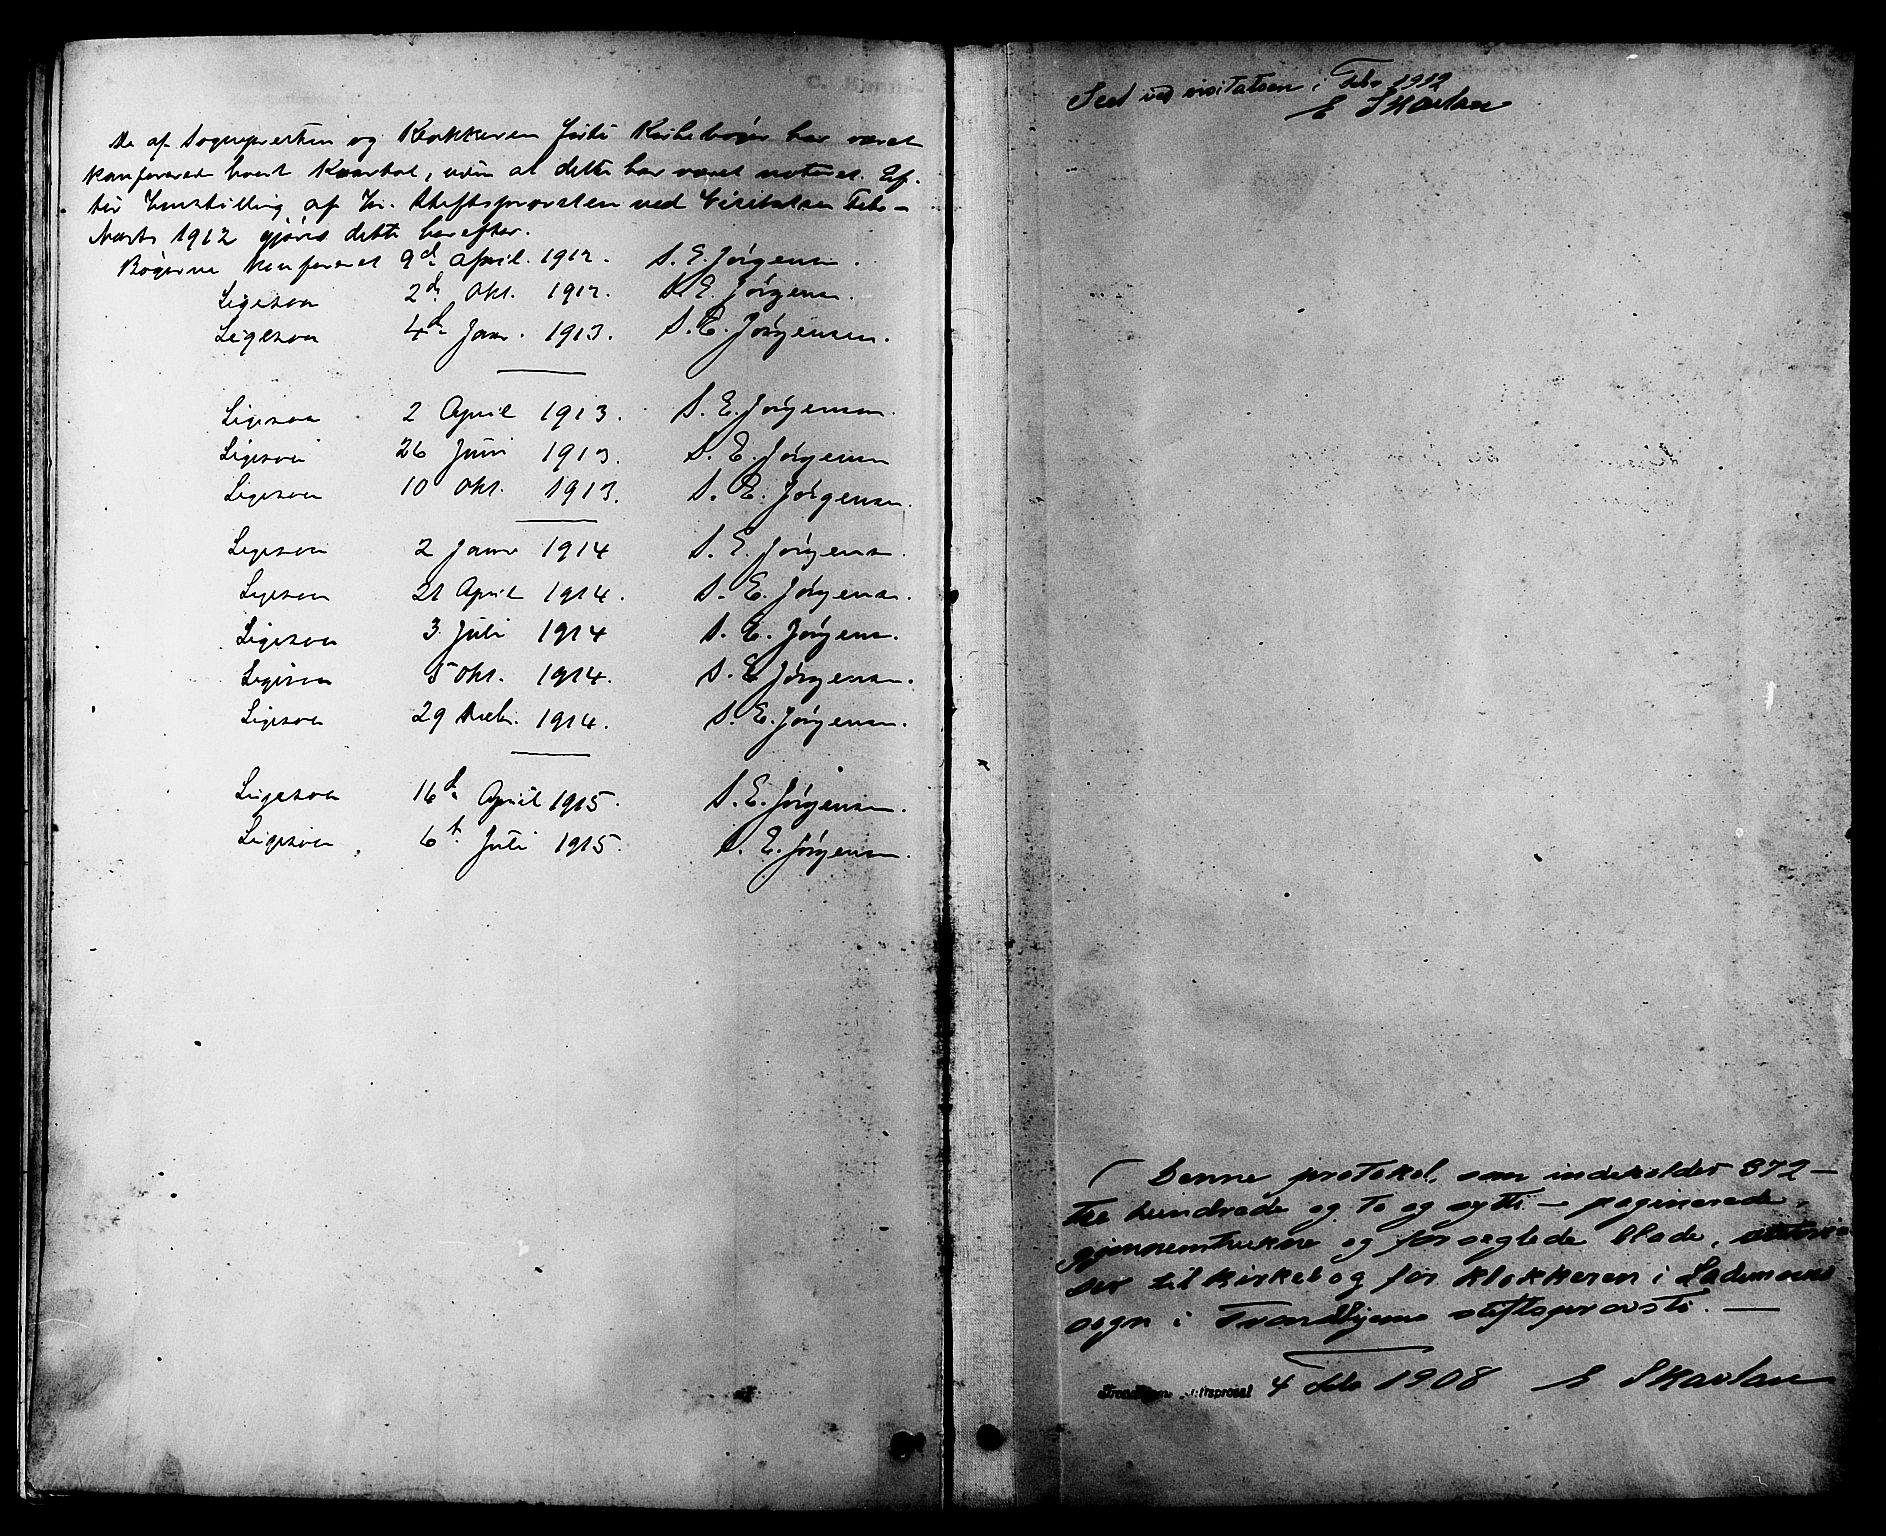 SAT, Ministerialprotokoller, klokkerbøker og fødselsregistre - Sør-Trøndelag, 605/L0254: Klokkerbok nr. 605C01, 1908-1916